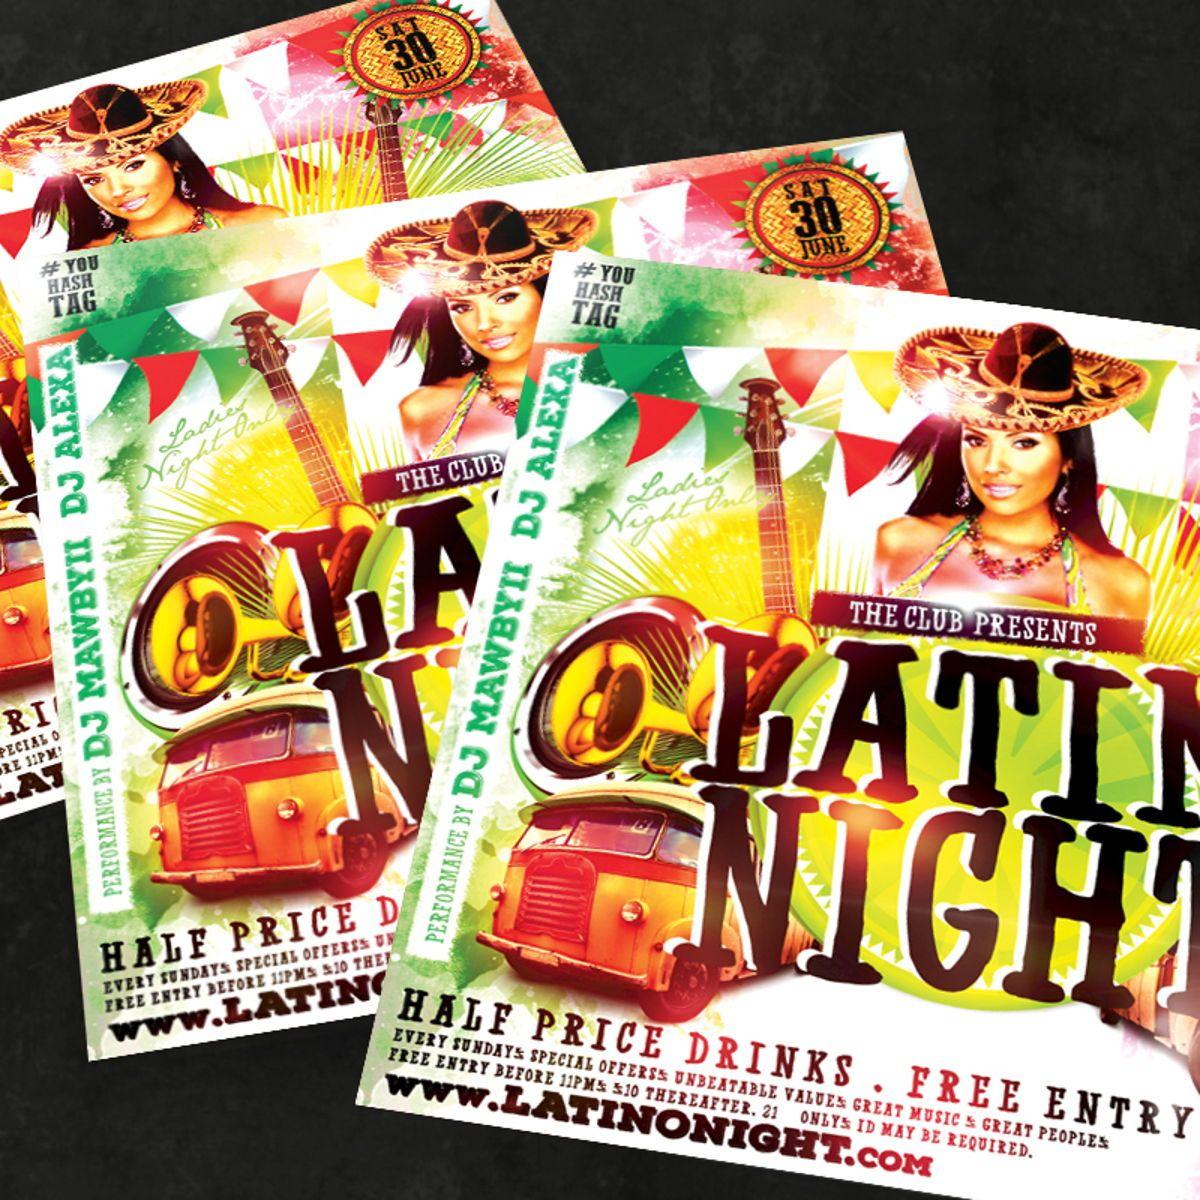 Night Club Flyer Template, Slide 3, 08590, Art & Entertainment — PoweredTemplate.com